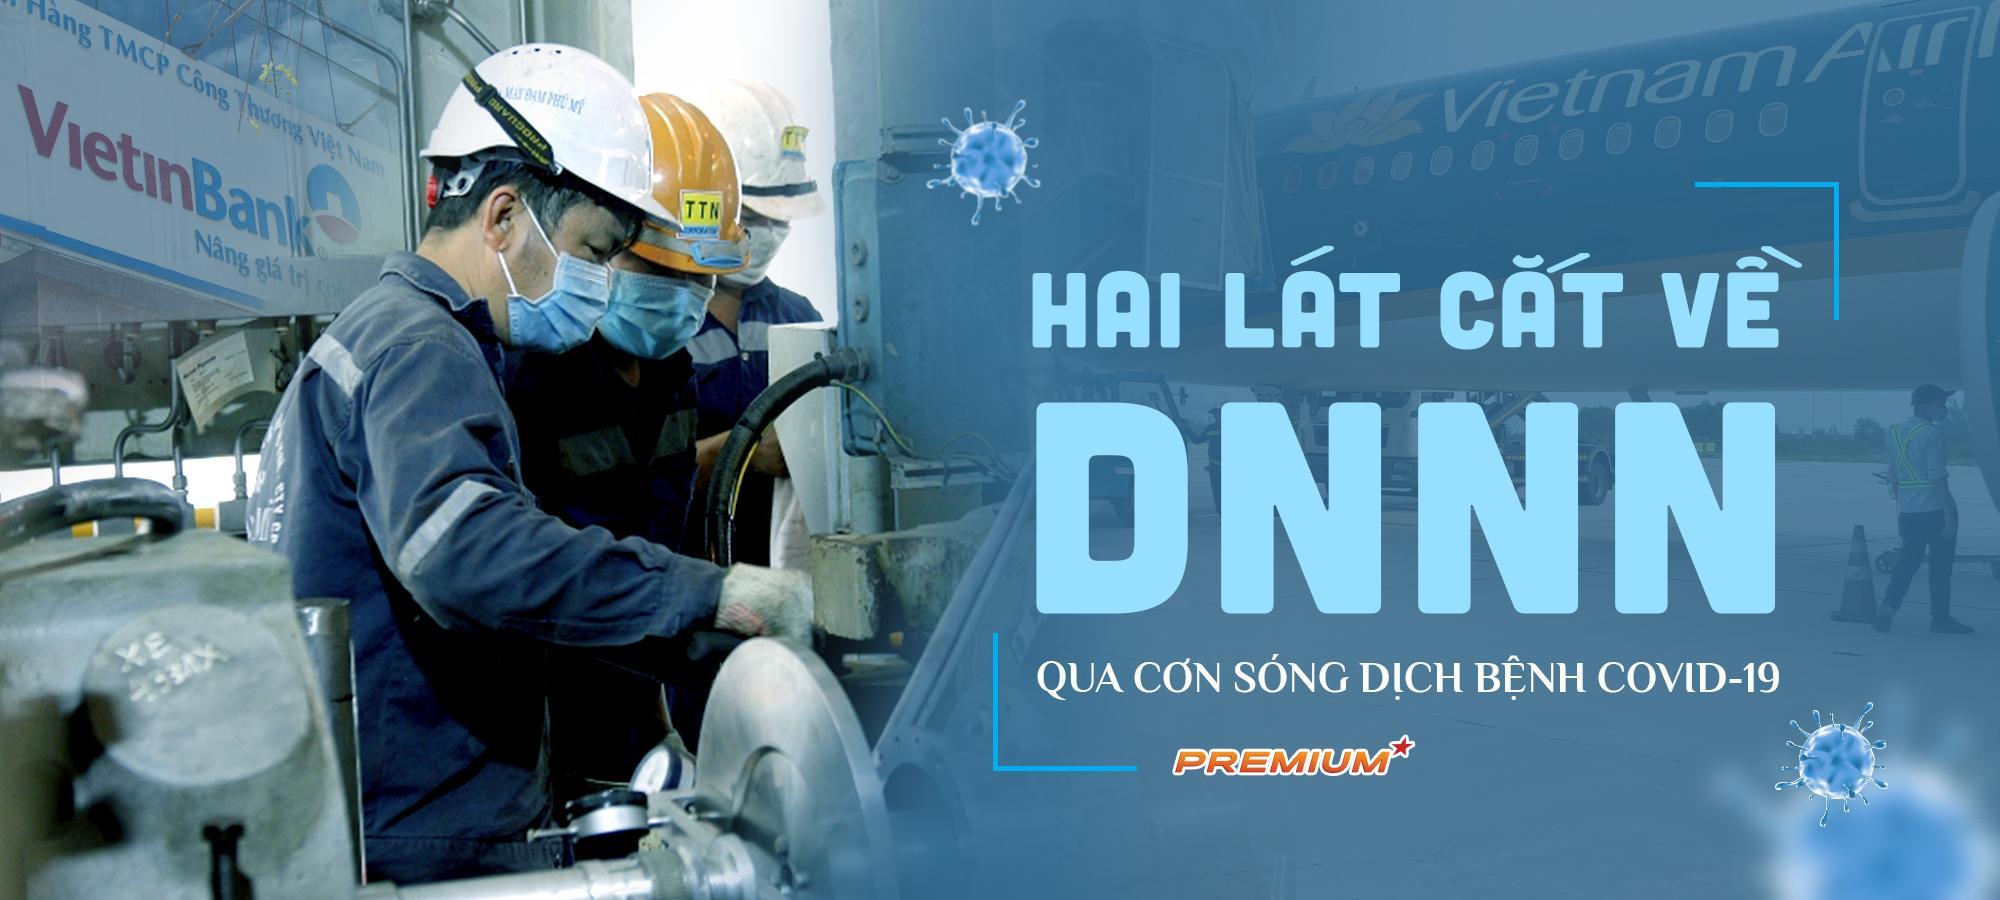 Hai lát cắt về DNNN qua cơn sóng dịch bệnh Covid-19